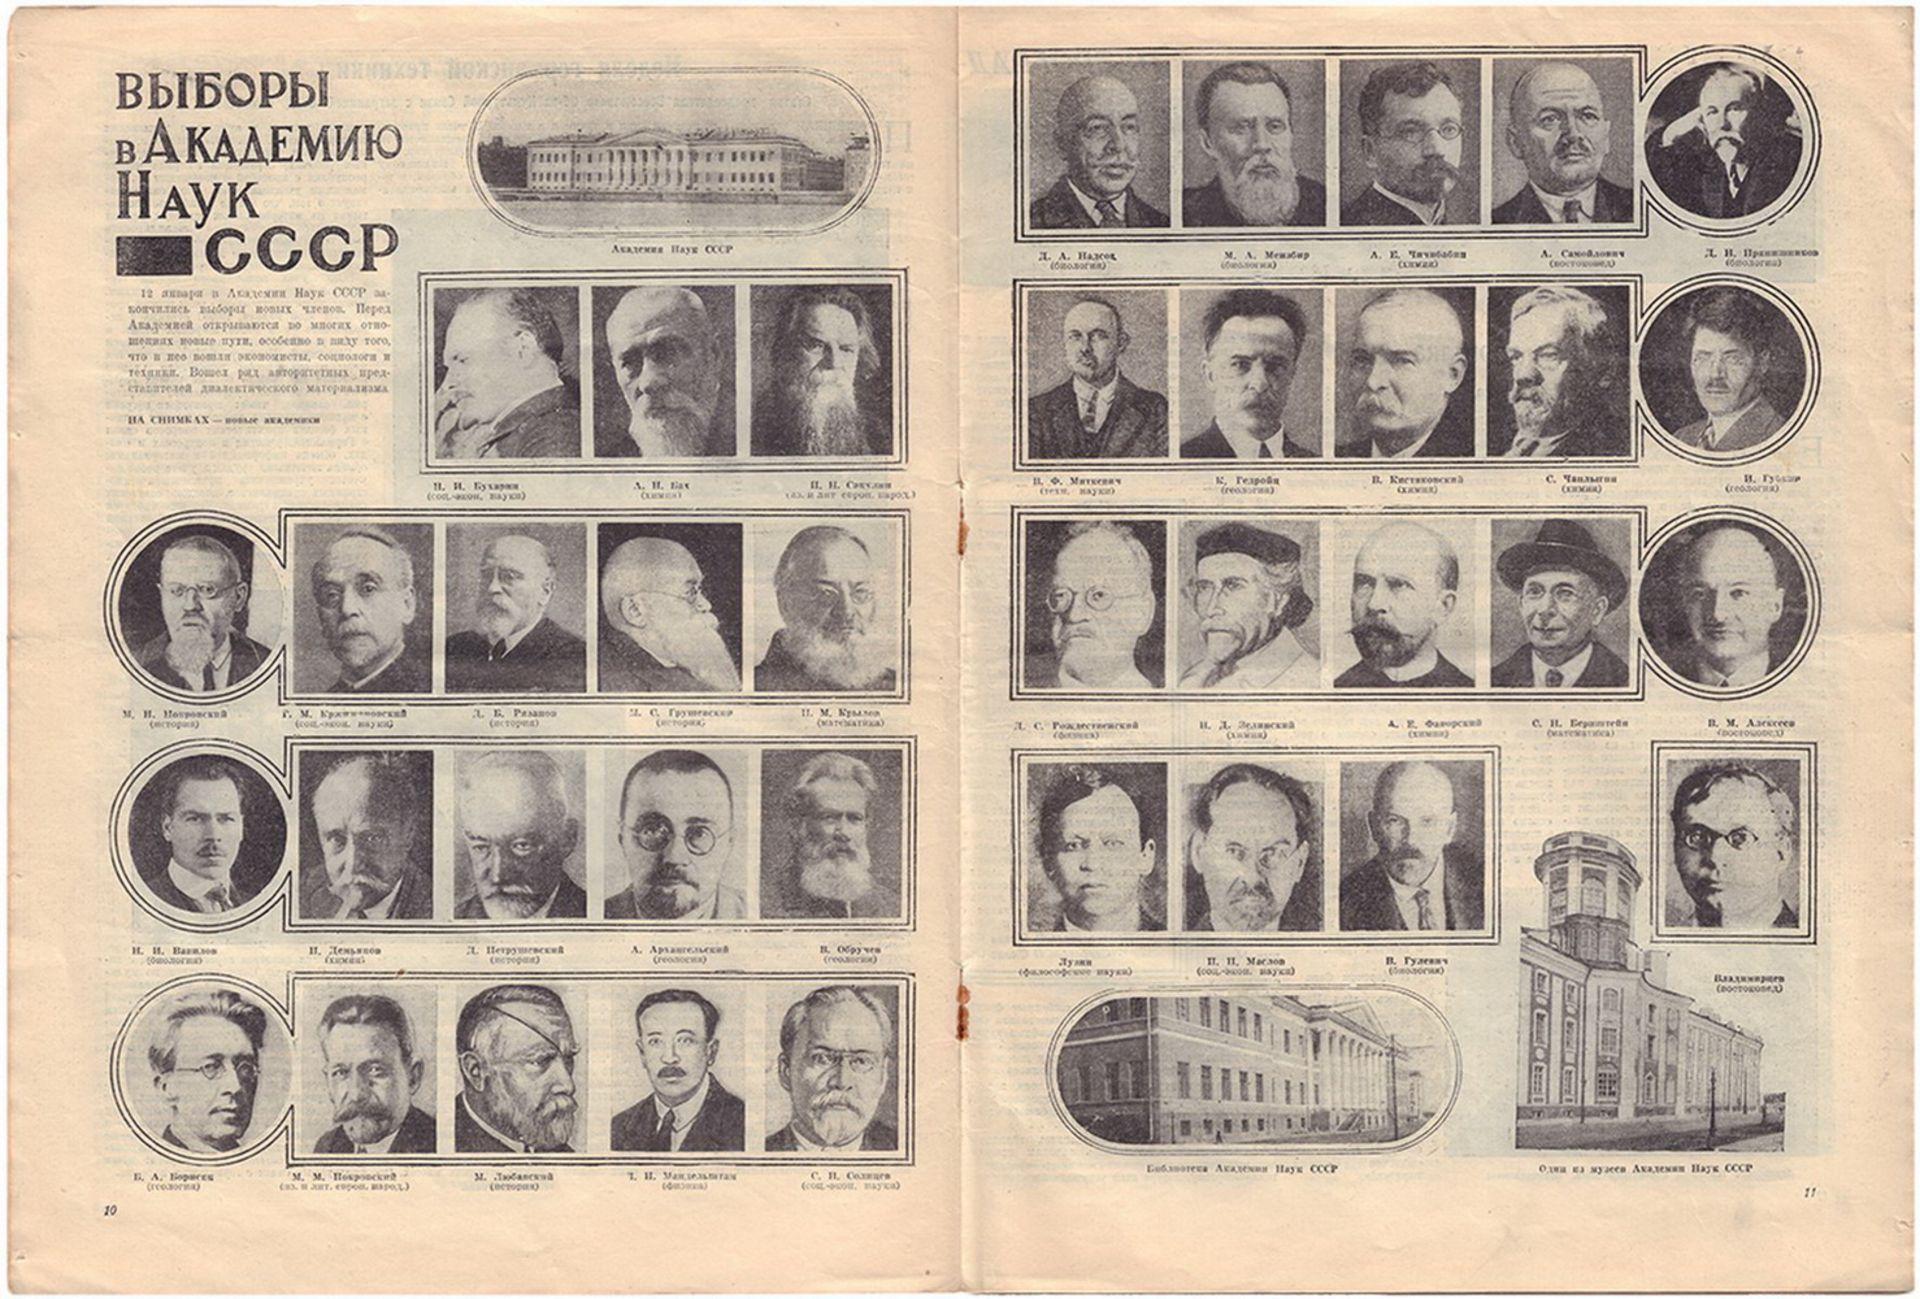 """[Sokolov-Skalya, P., design. Soviet art]. """"Krasnaya Niva"""" [Red Fields]: Magazine. Issue 5th. - Mosco - Bild 3 aus 3"""